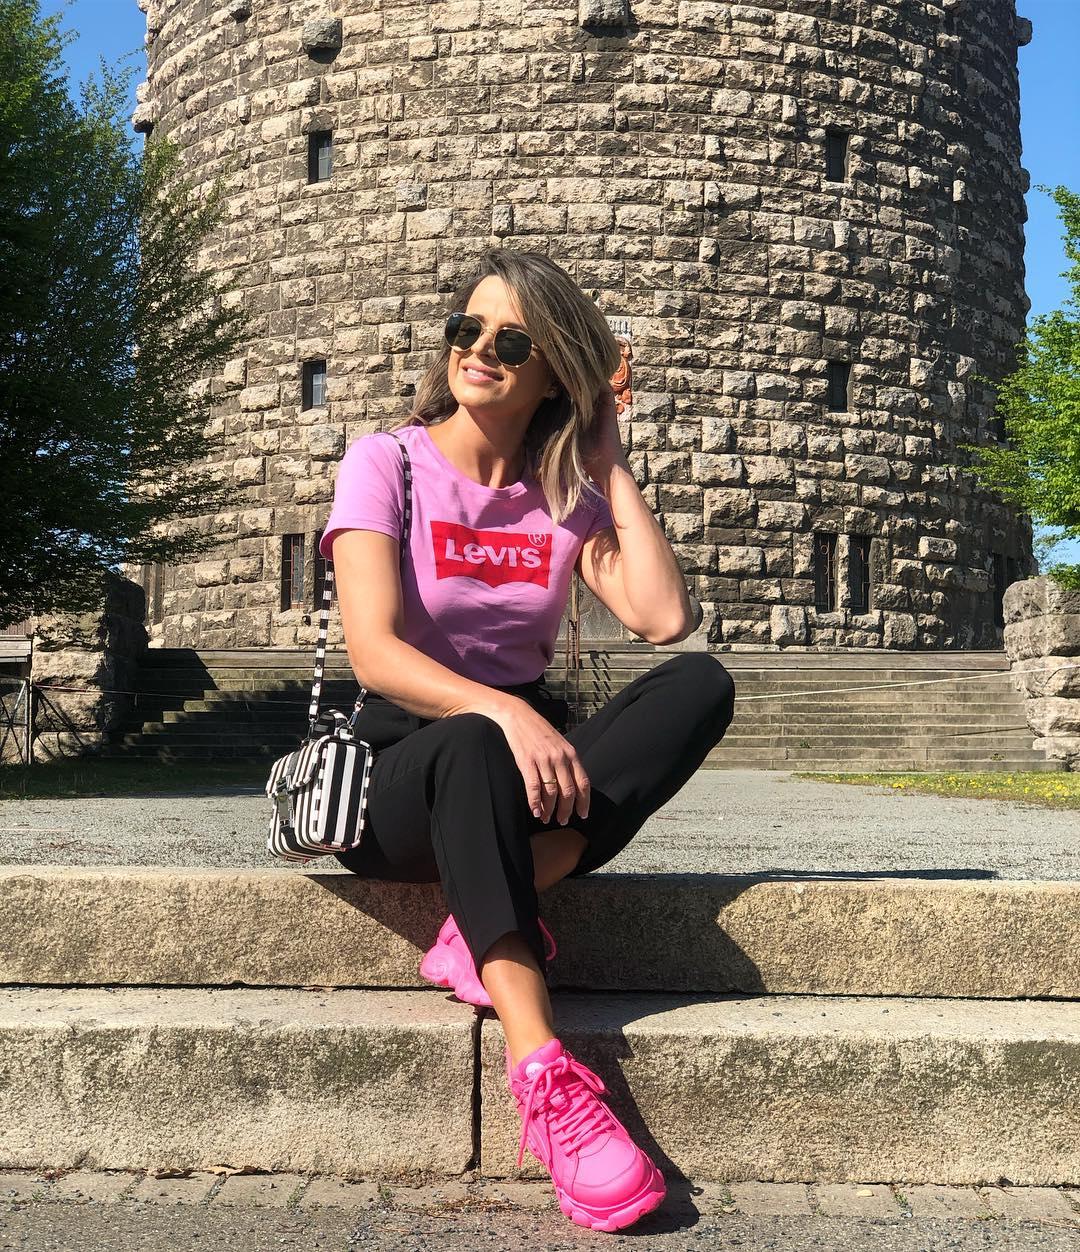 pink/velour levis t-shirt de Les Bourgeoises sur heit_style